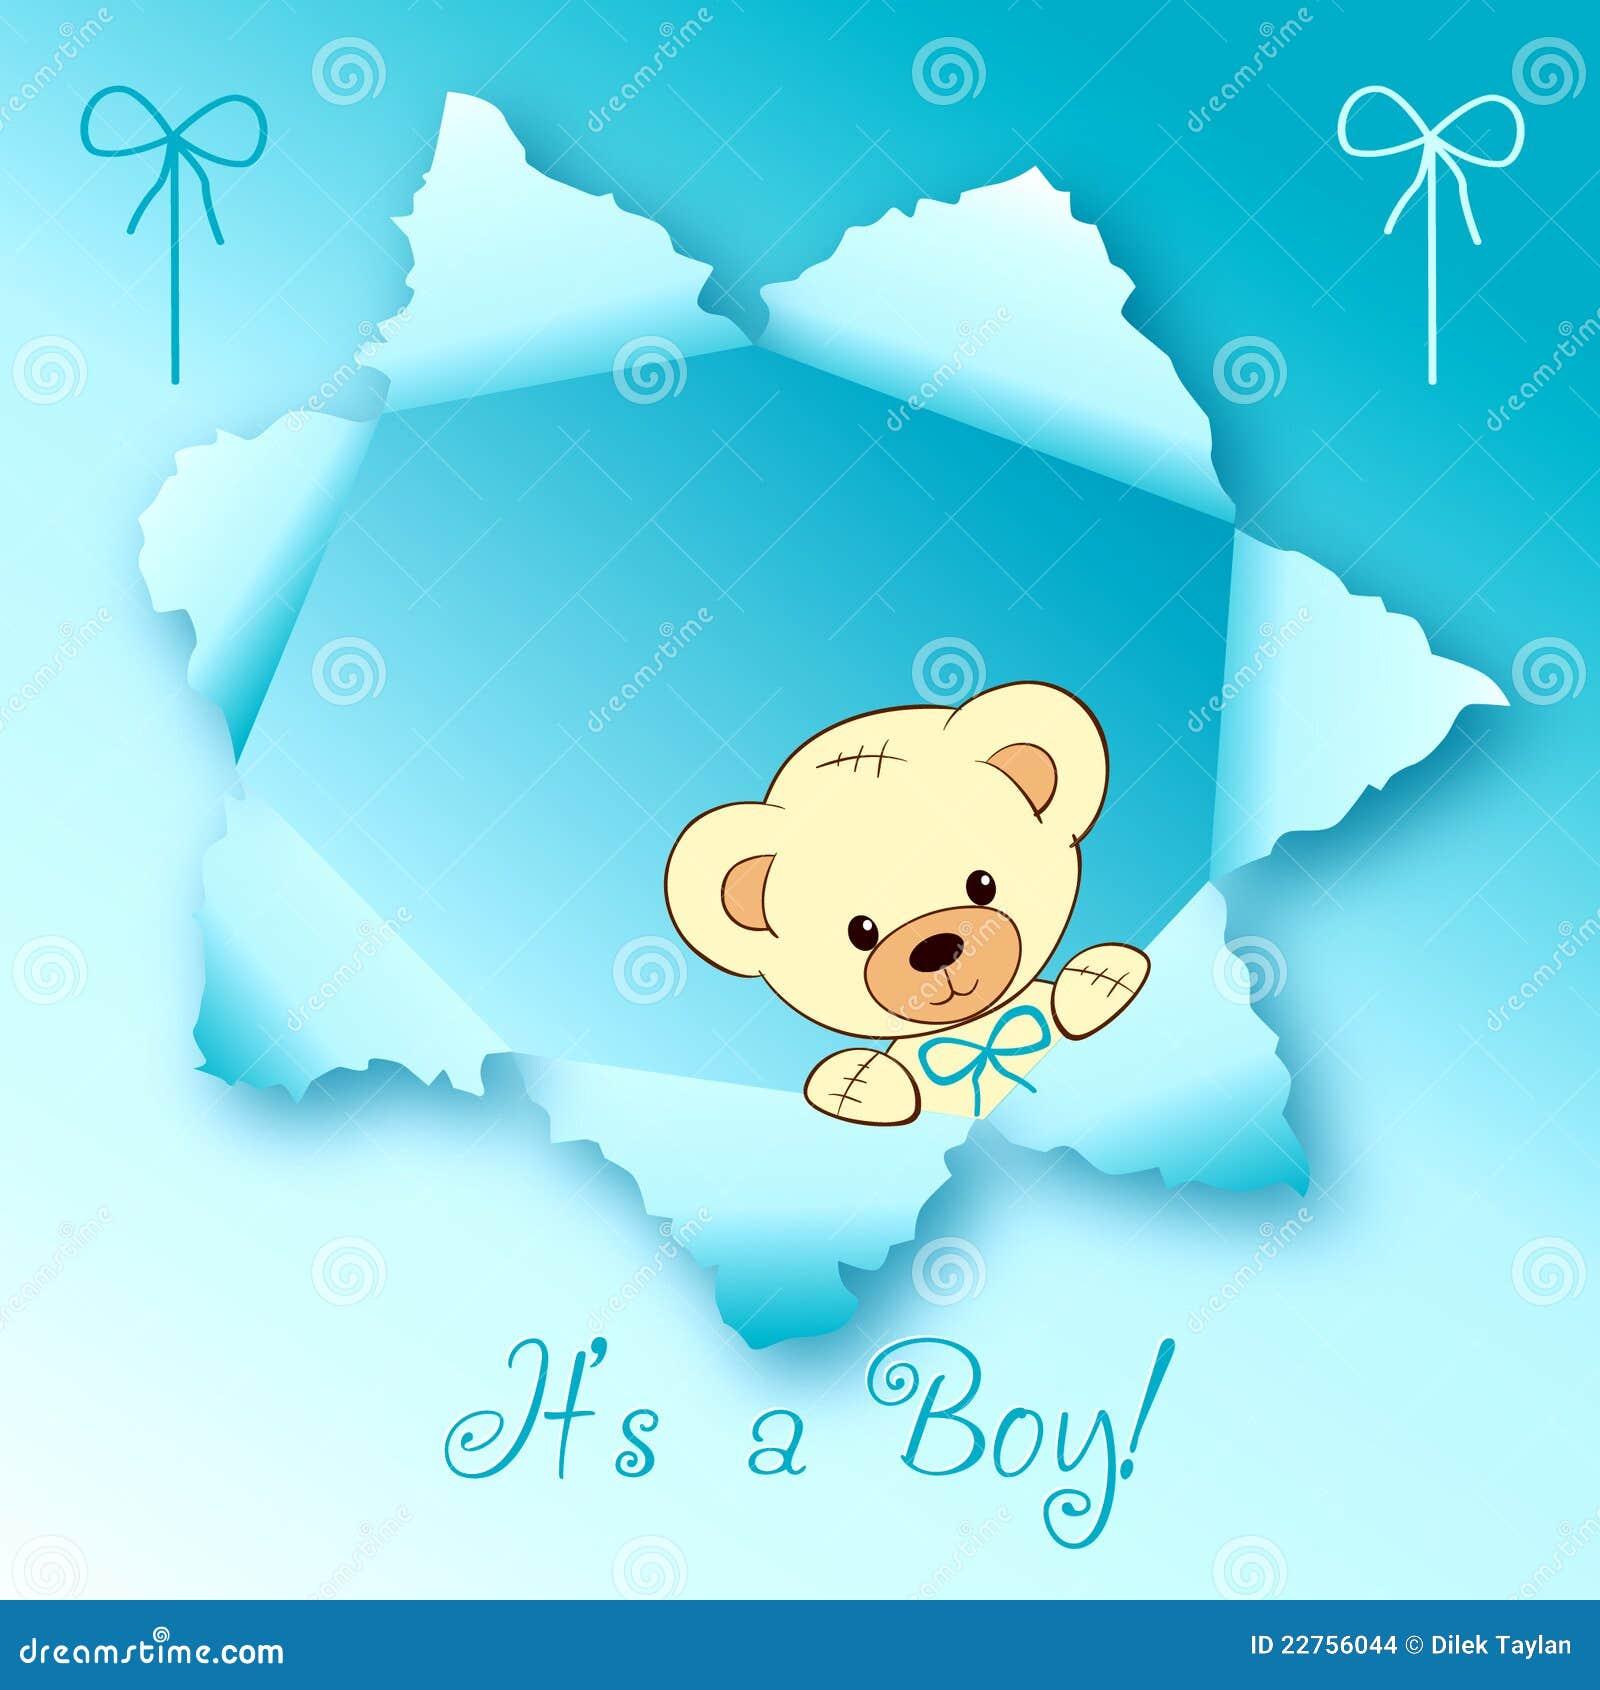 Открытка ватсап с днем рождения сына